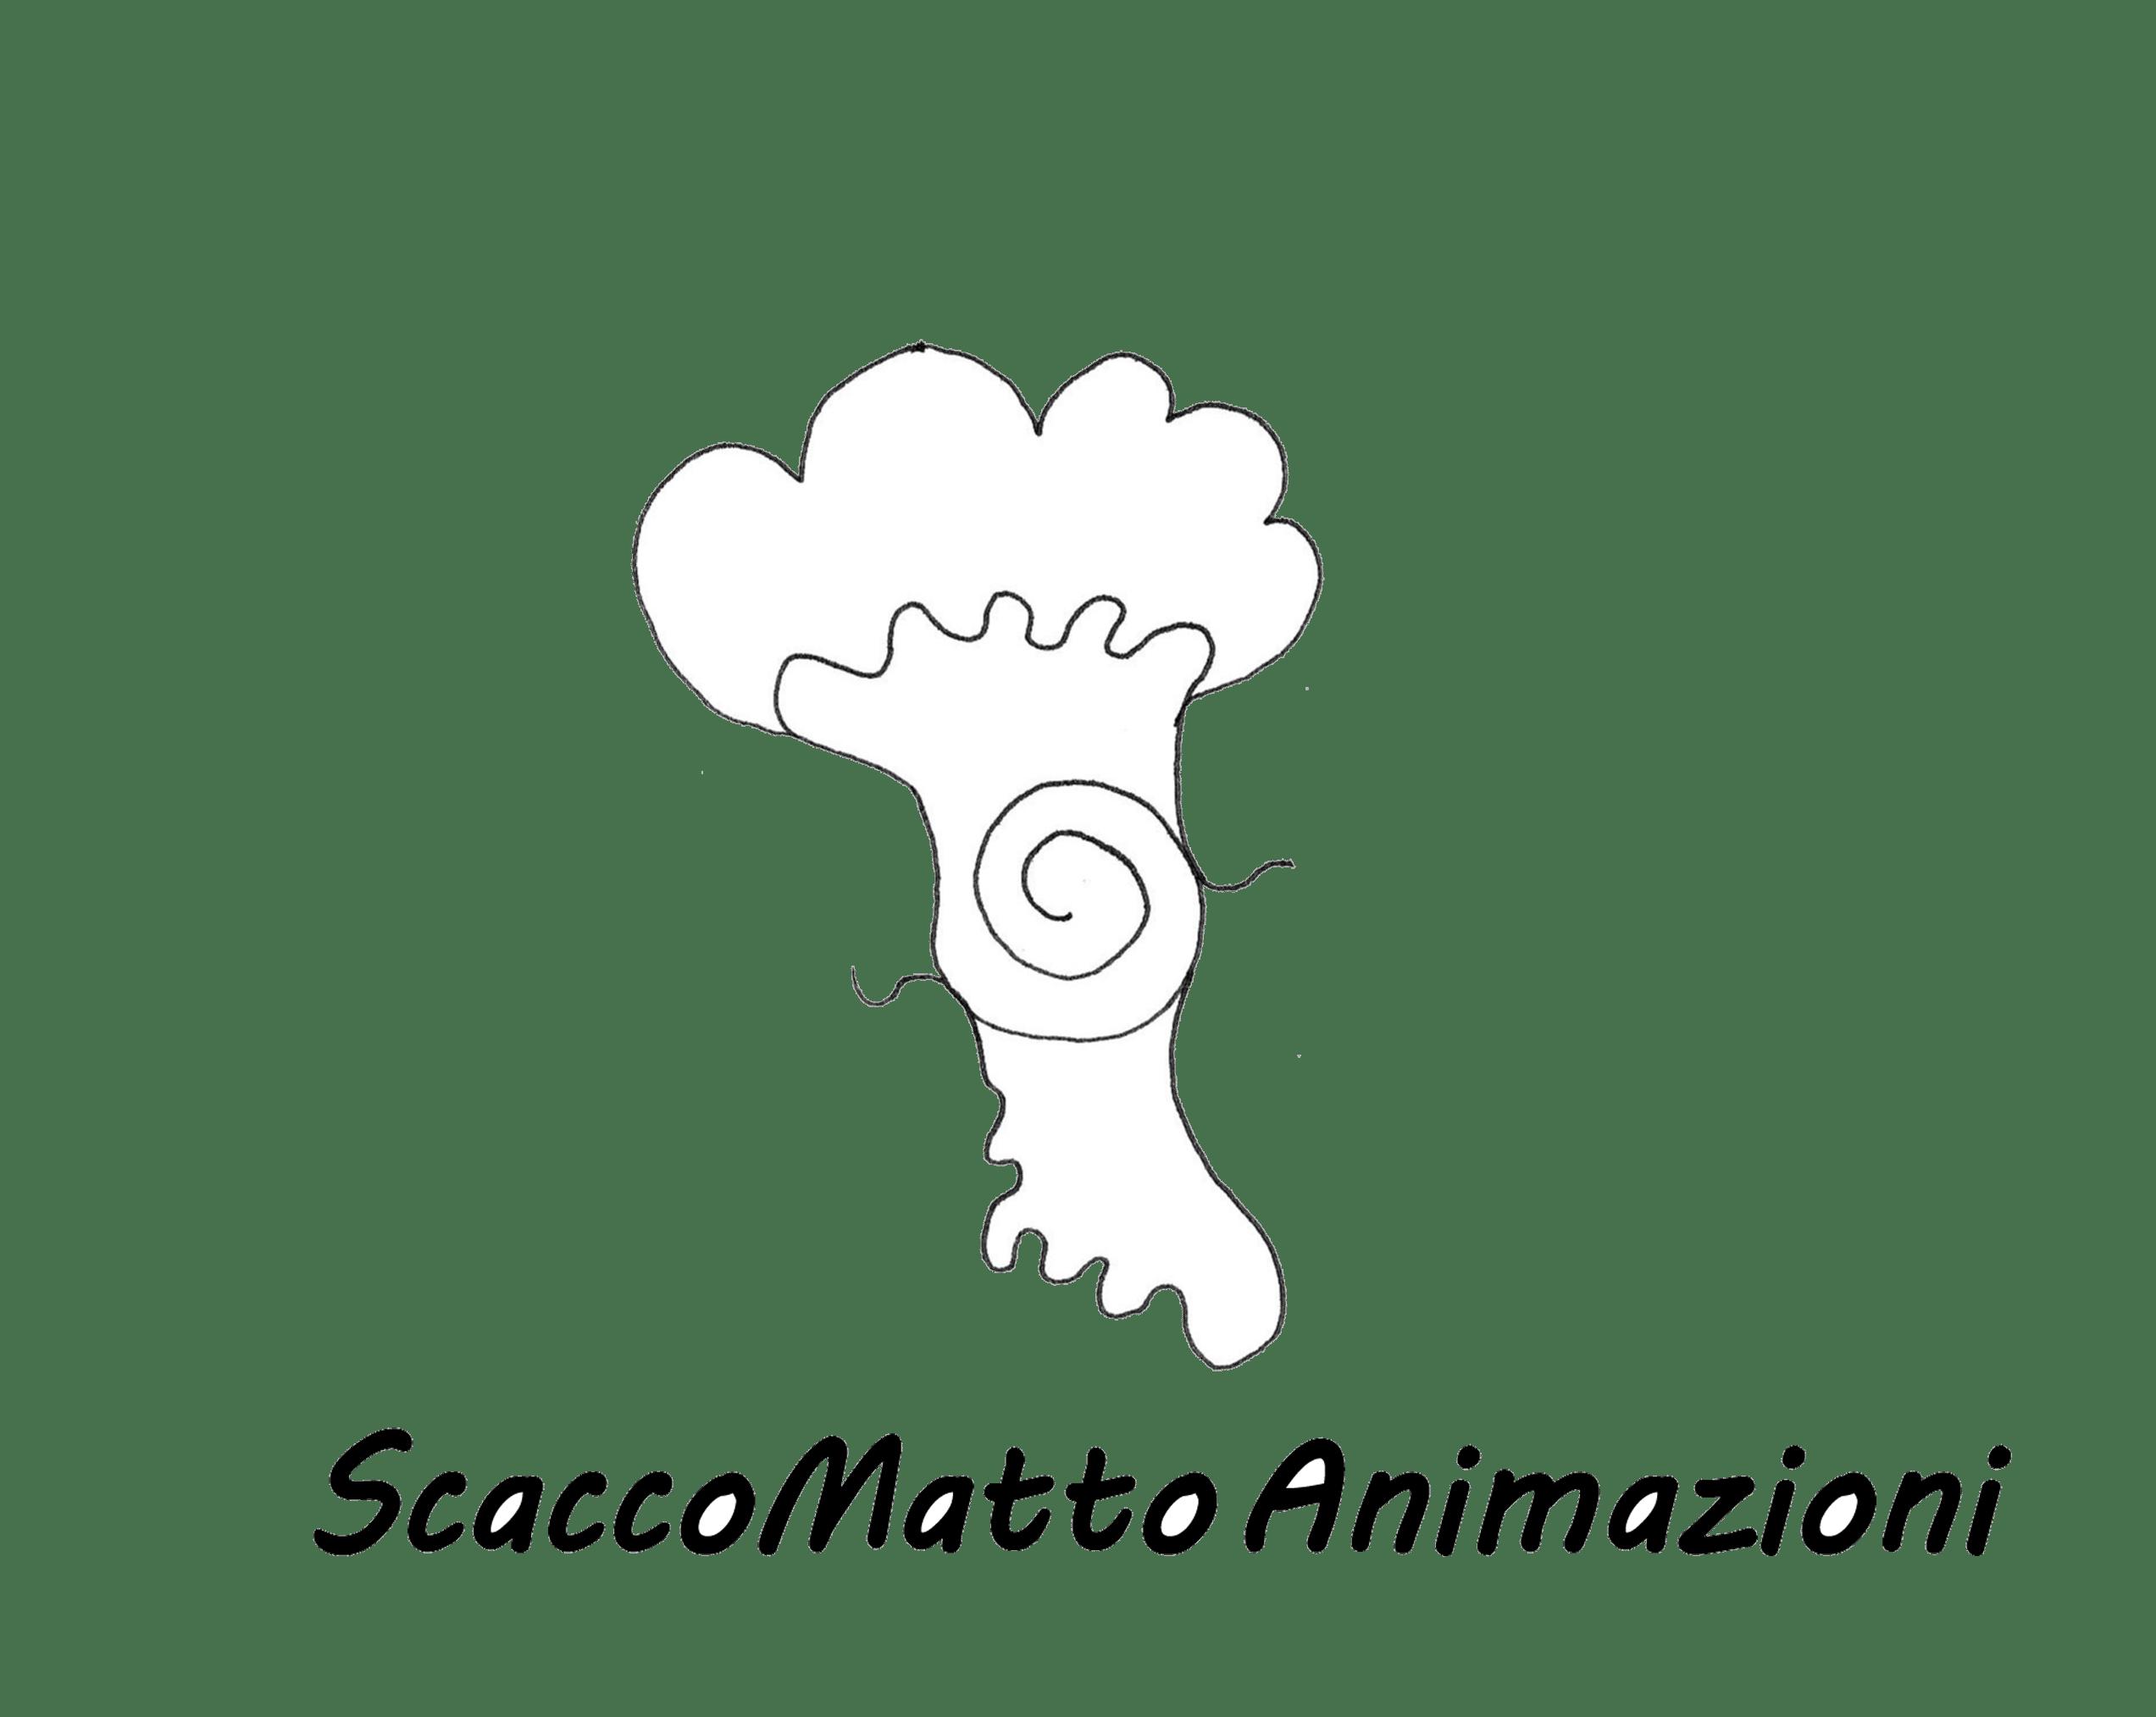 Scacco Matto Animazione \ Col Di Vita Nova